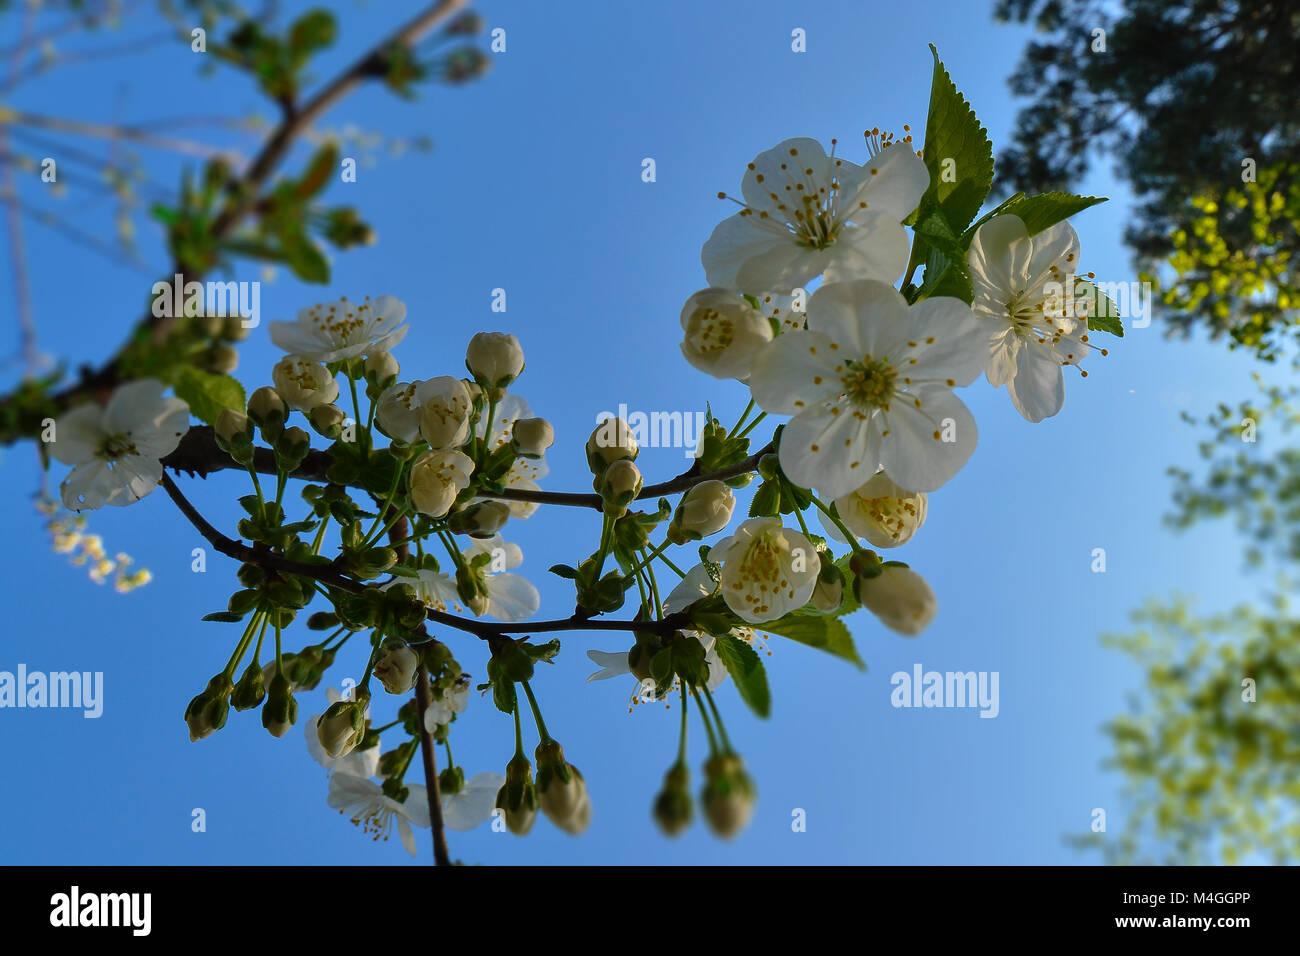 Flor de Cerezo delante de un cielo azul sin nubes Imagen De Stock